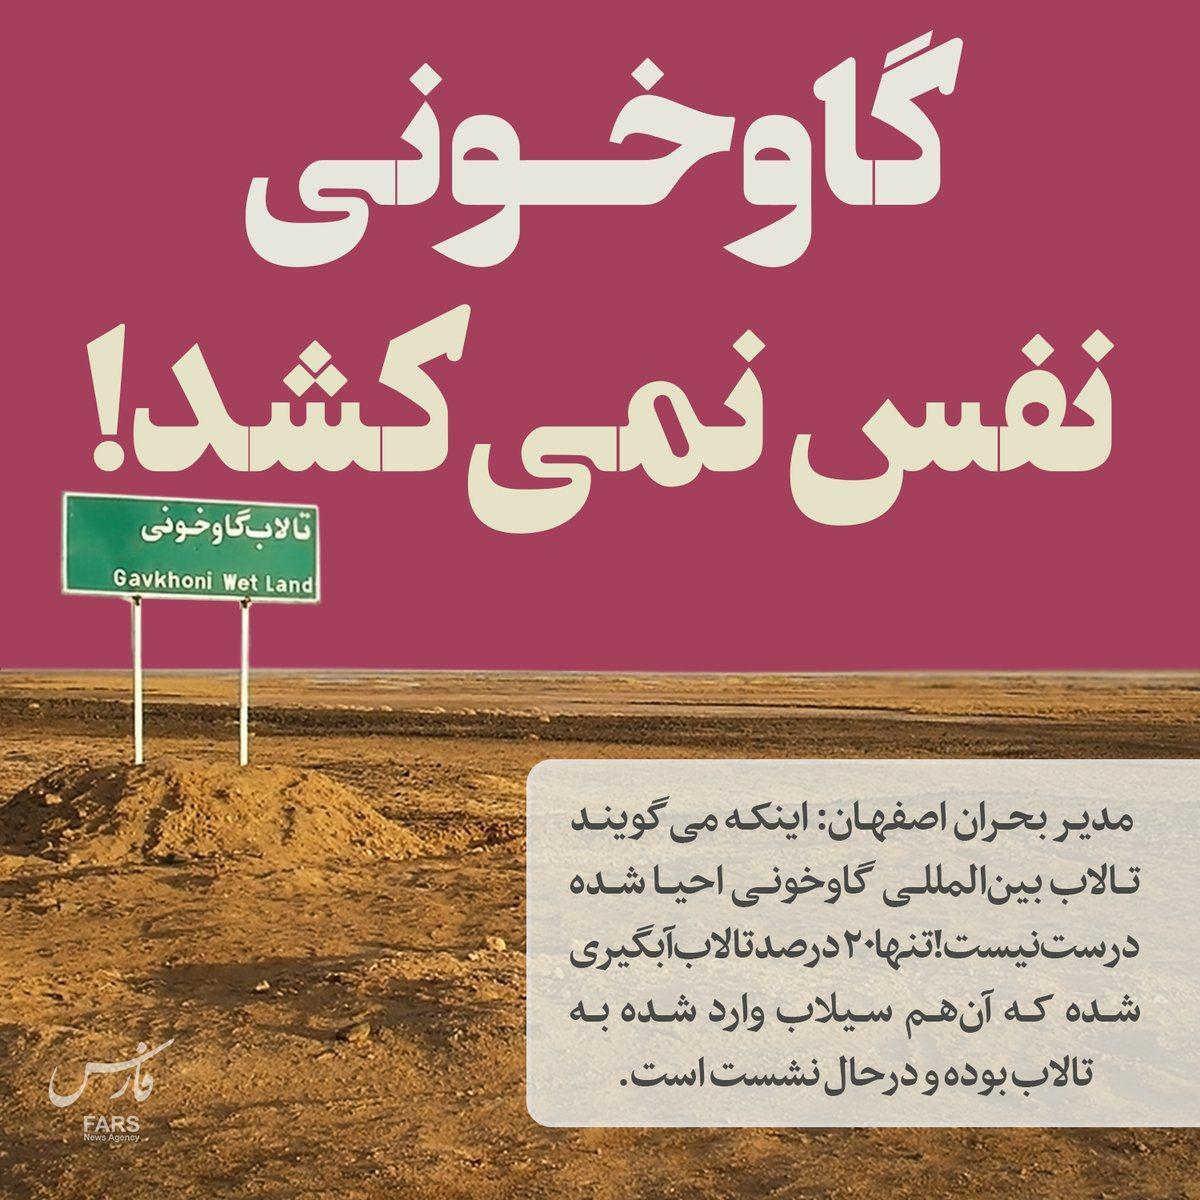 مدیرکل مدیریت بحران اصفهان: تالاب بینالمللی گاوخونی احیا نشده است